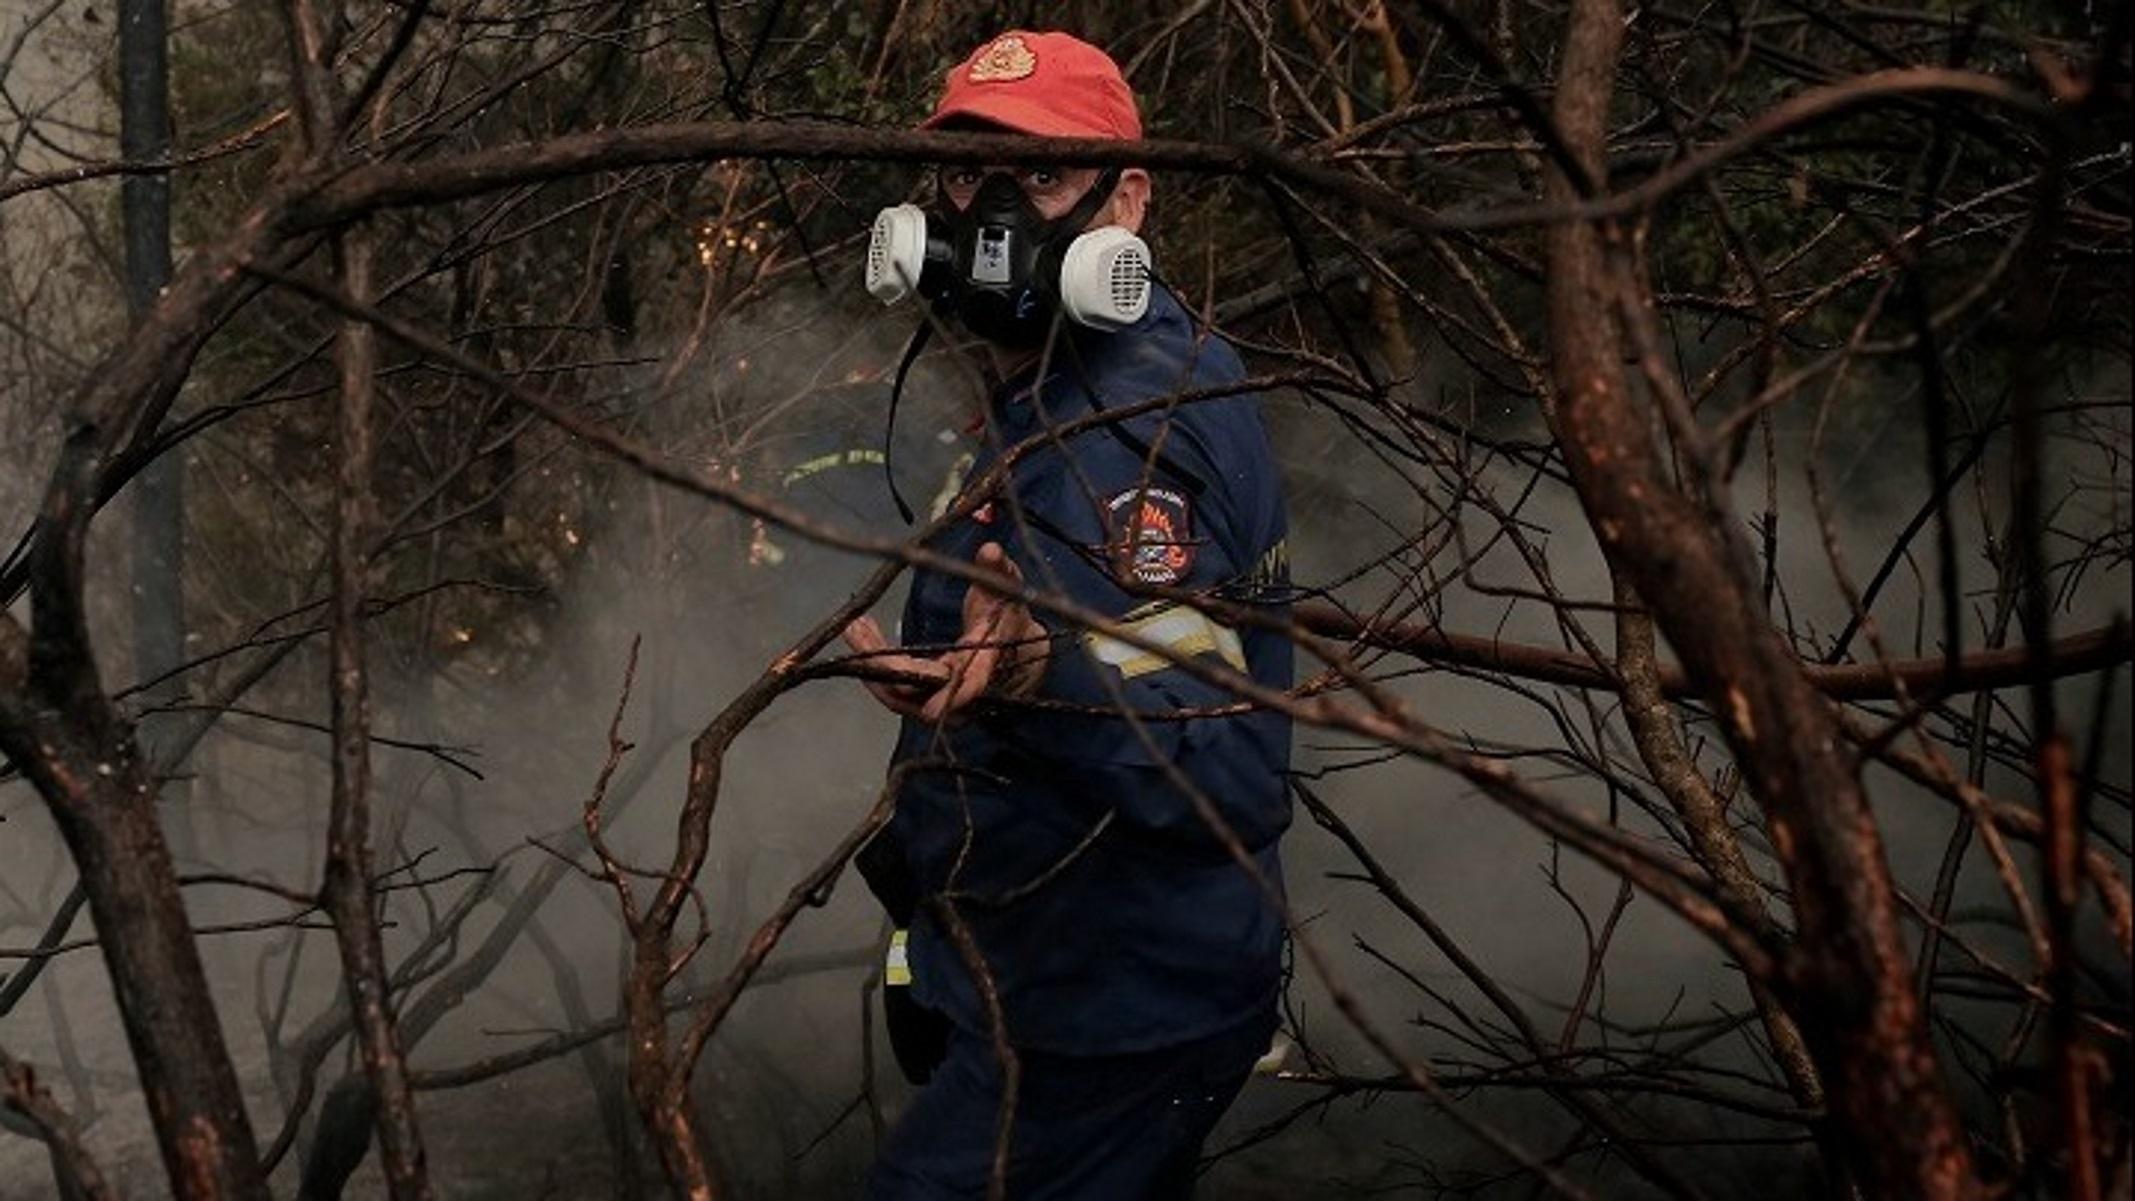 Φωτιές: Δωρεές ύψους 1 εκατ. ευρώ σε πυρόπληκτους και πυροσβεστική από τον εφοπλιστή Πάνο Λασκαρίδη